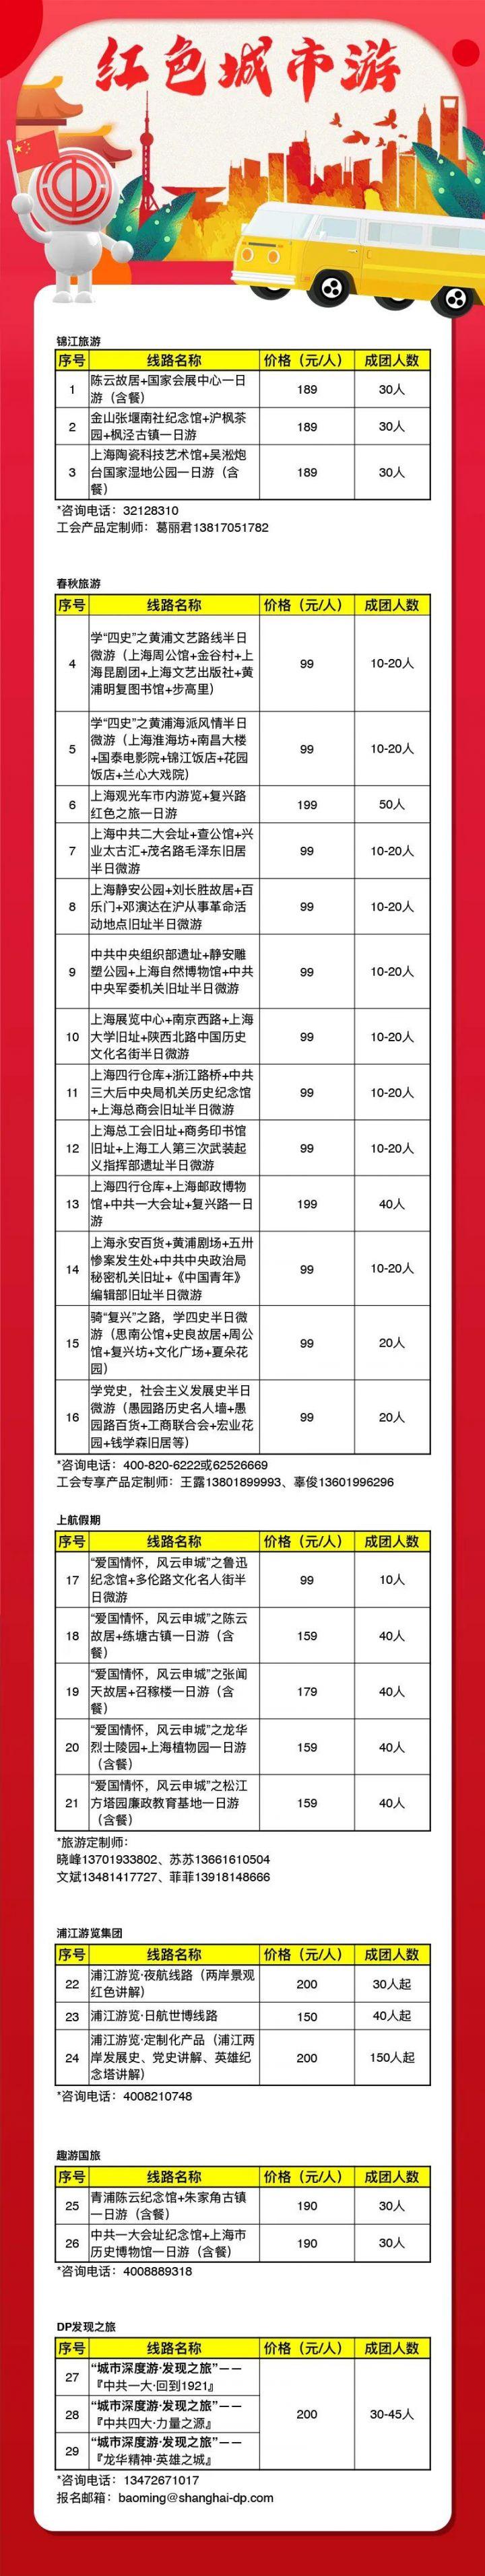 2020游上海5大主题117个□特色线路推荐